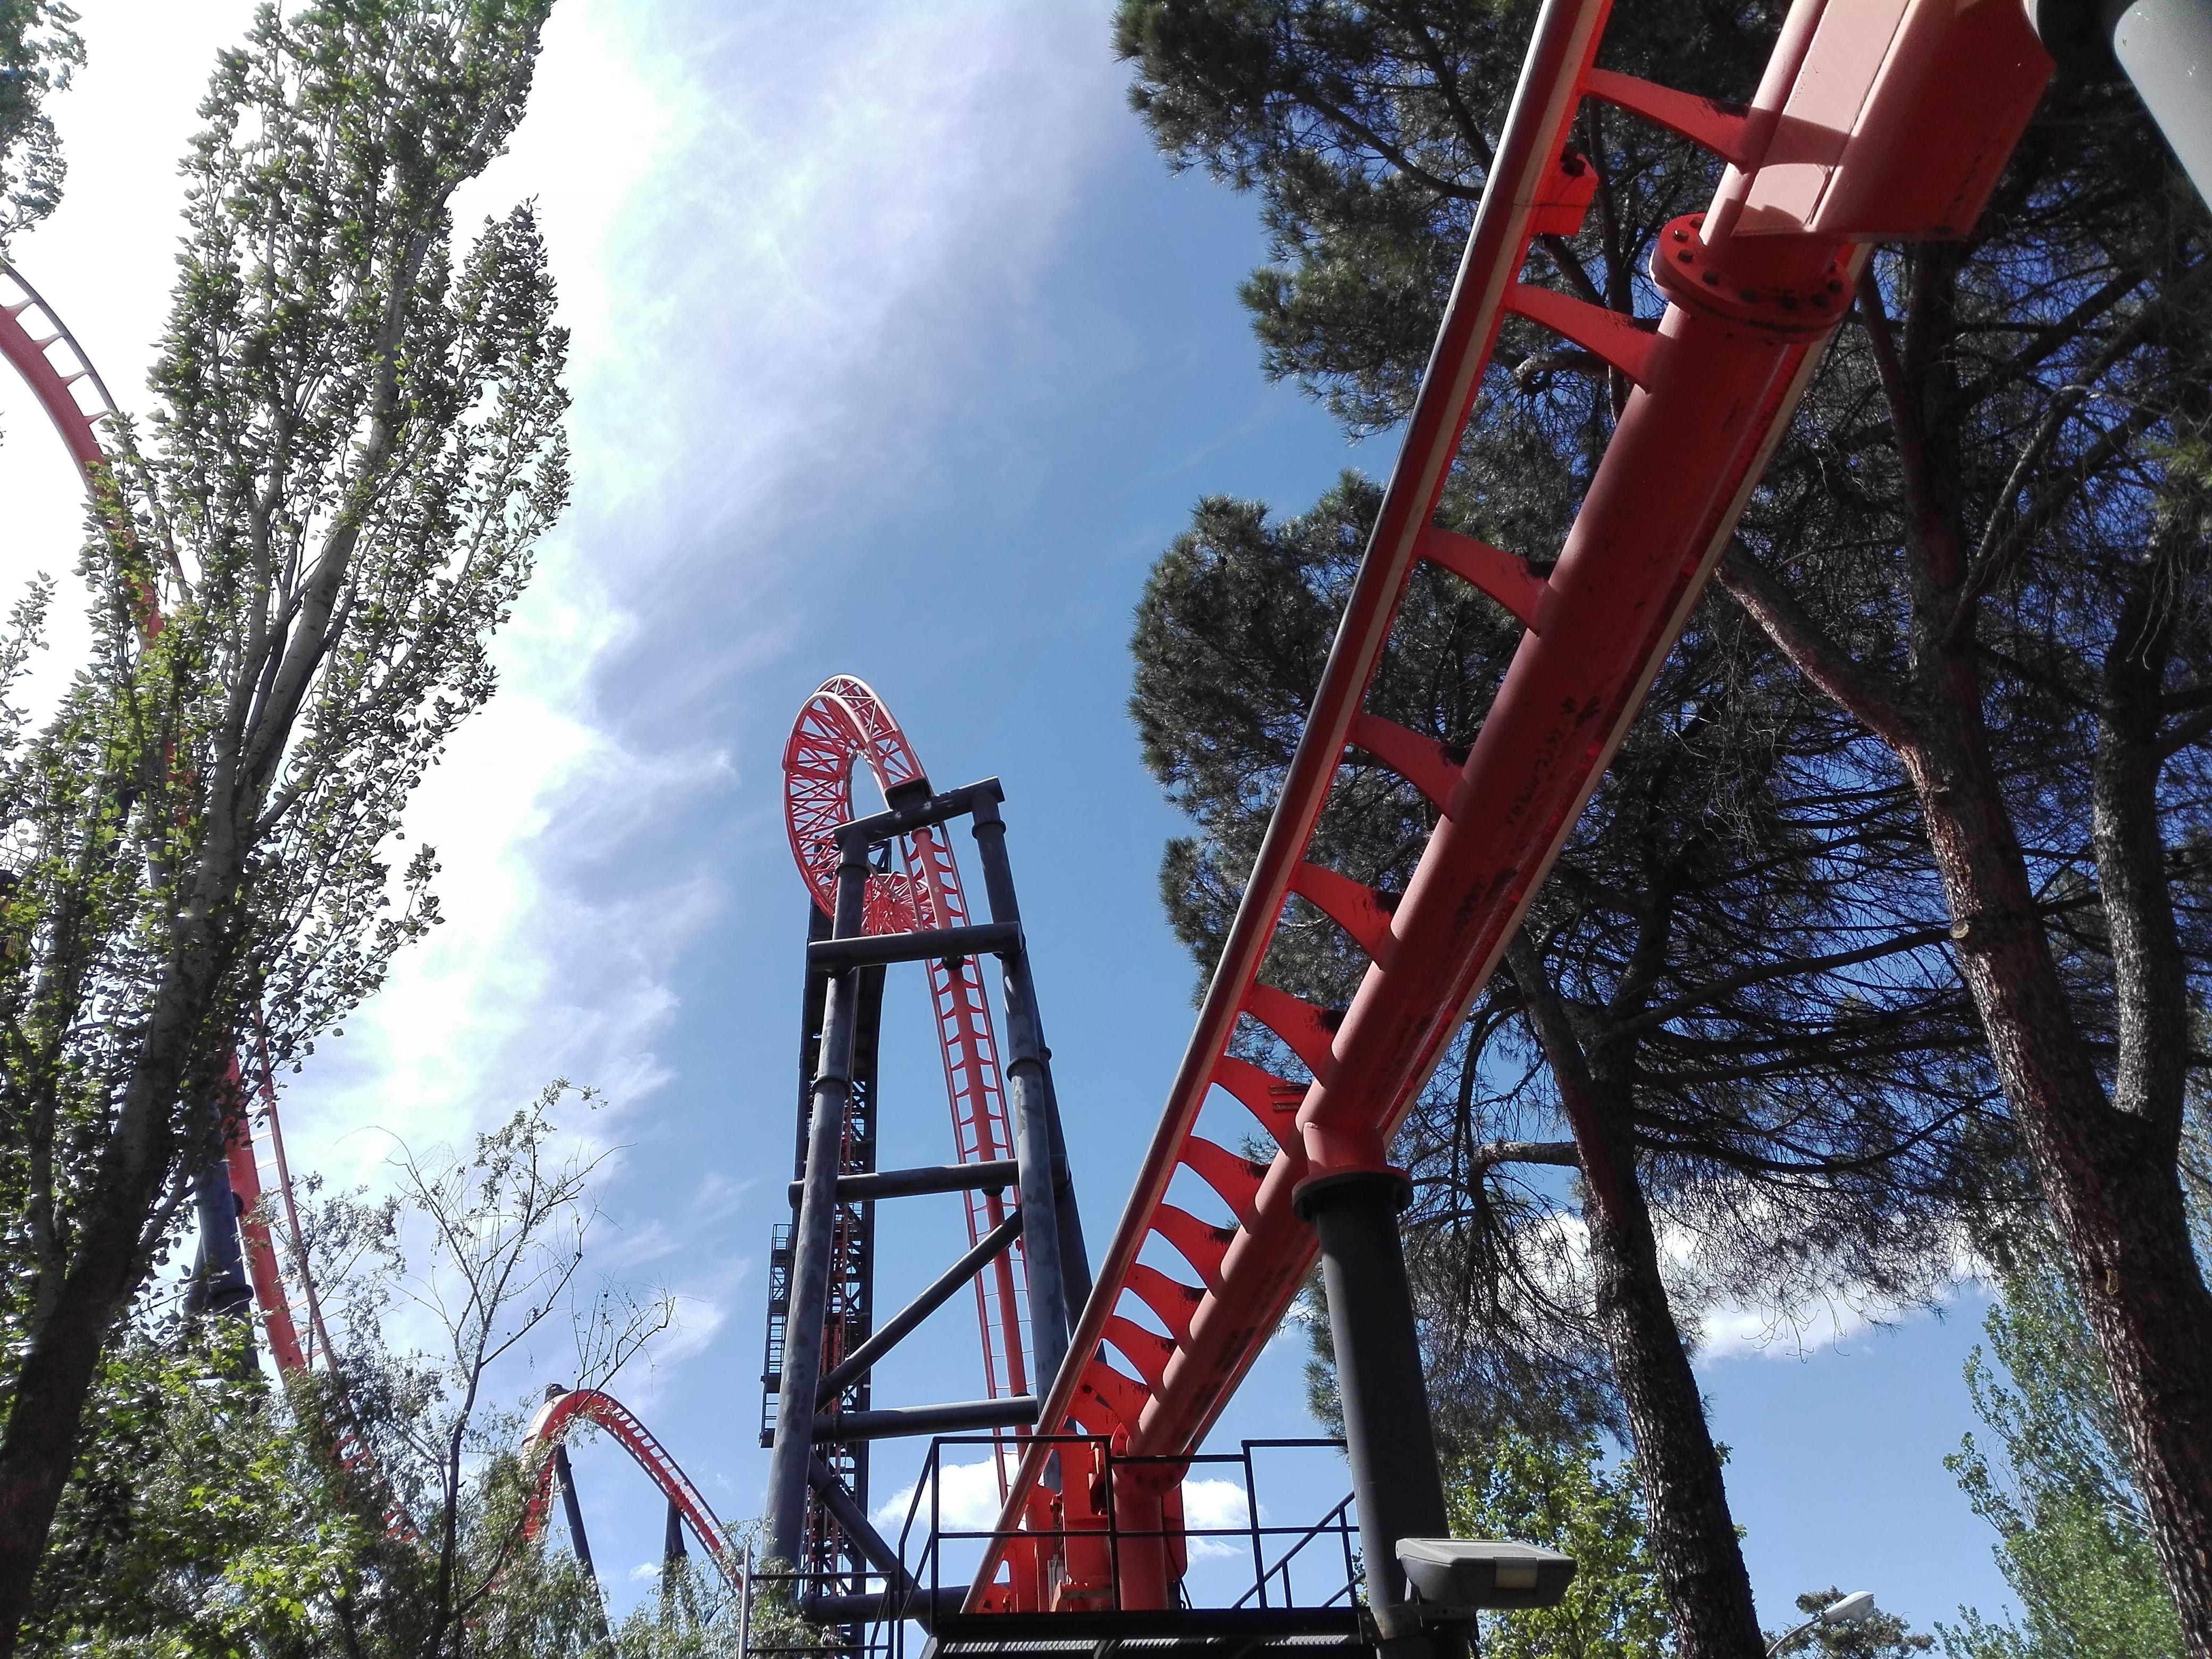 Las 5 mejores atracciones del Parque de Madrid